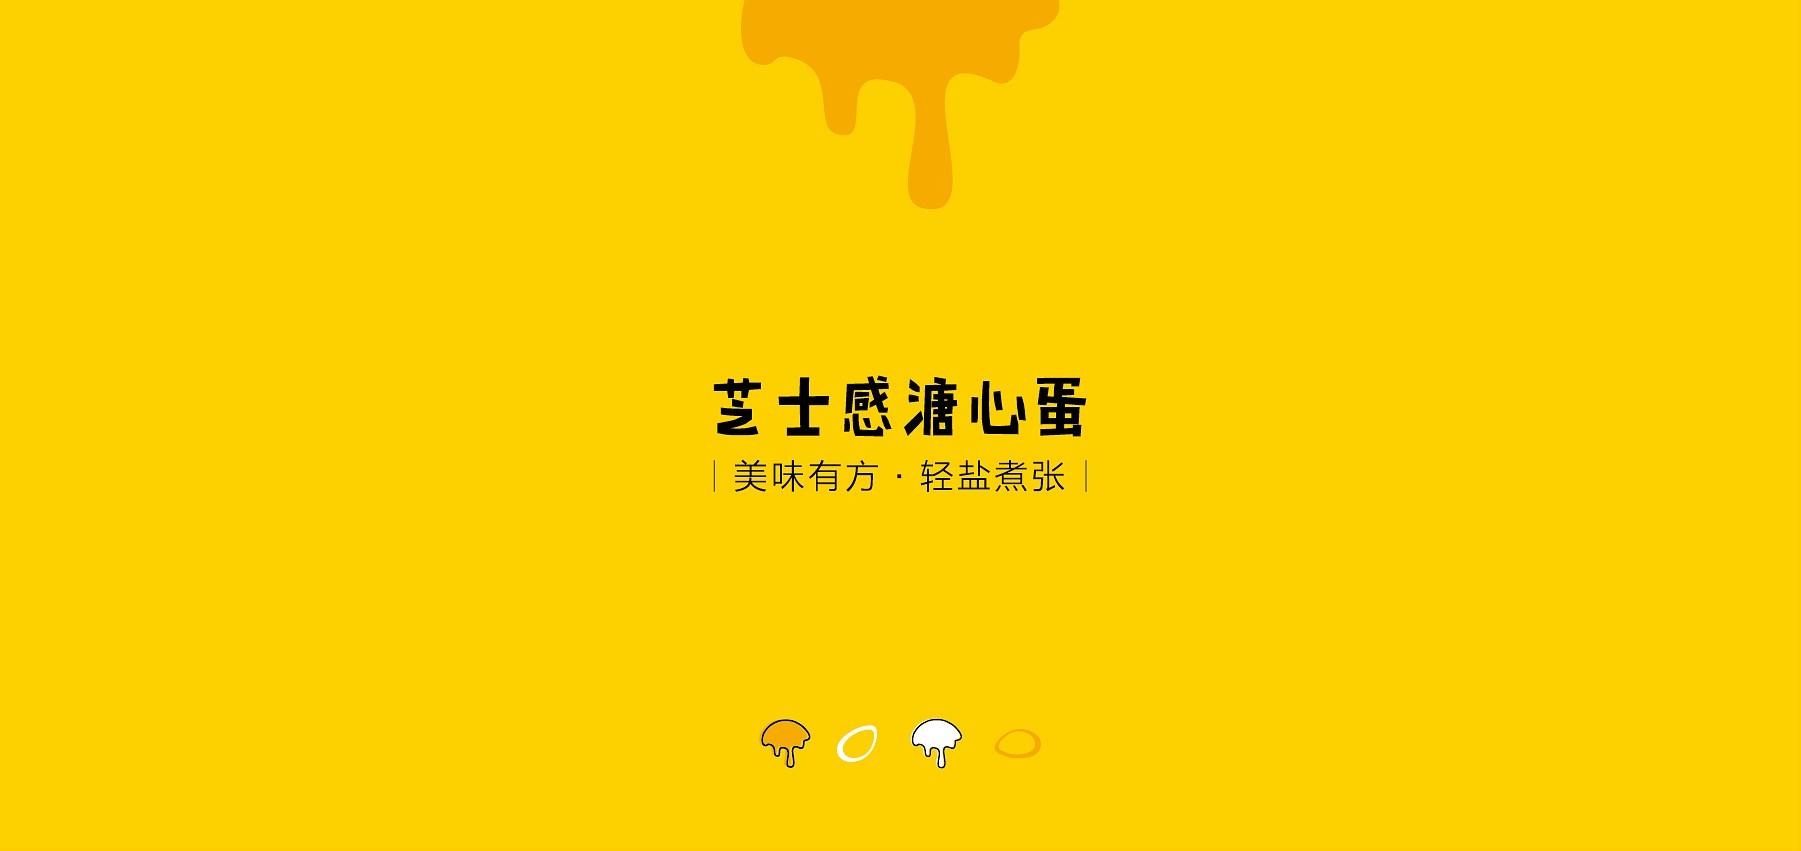 溏心风暴-04.jpg